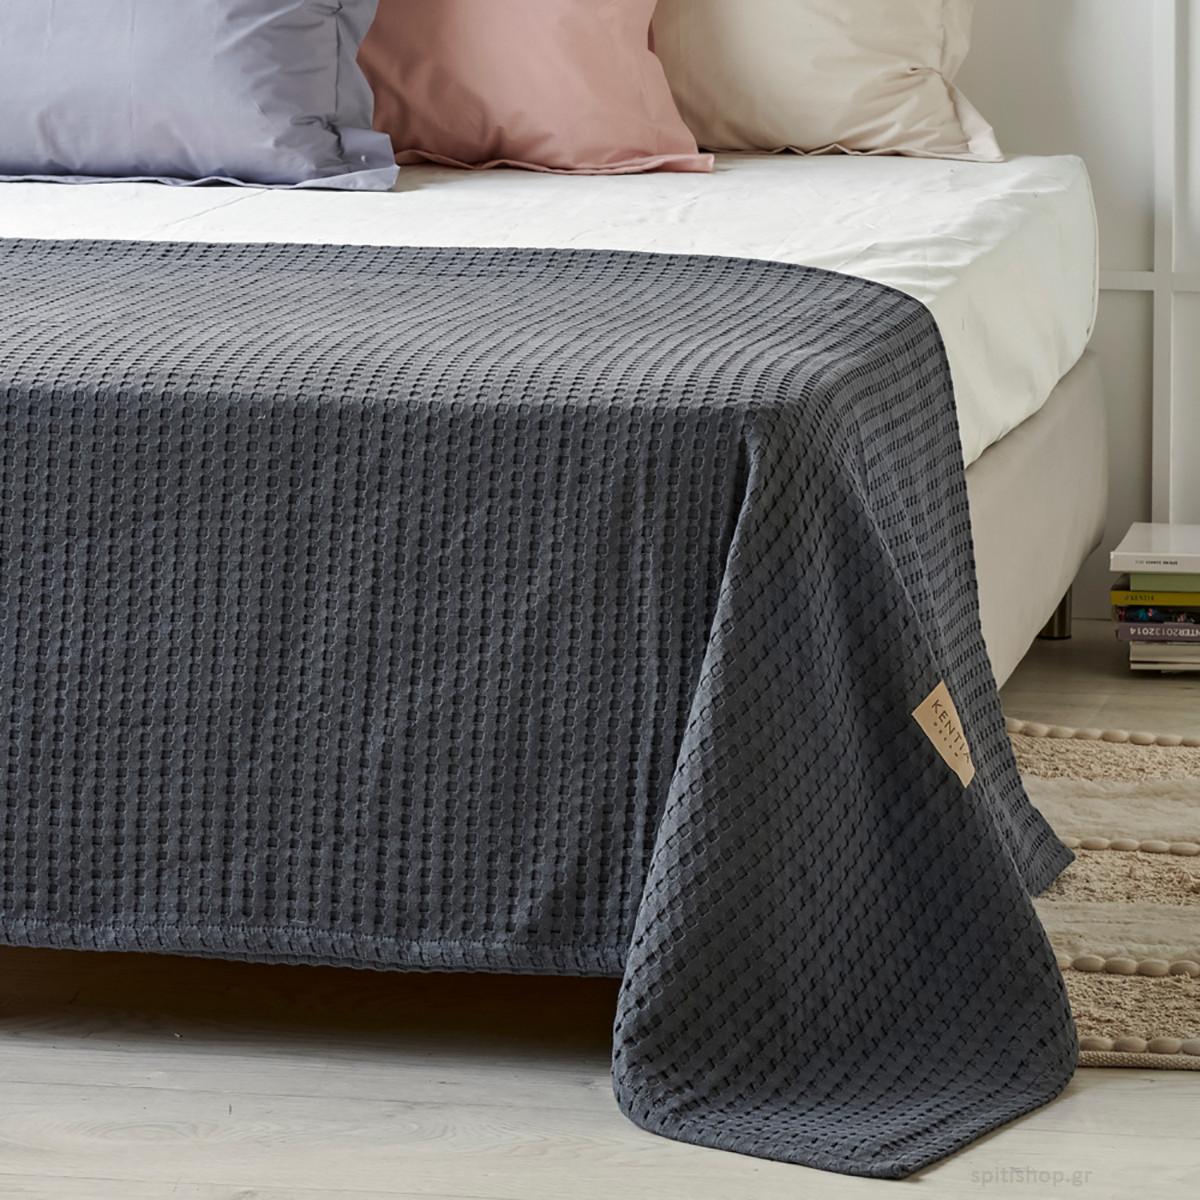 Κουβέρτα Πικέ Μονή Kentia Loft Mariner 240 home   παιδικά   κουβέρτες παιδικές   κουβέρτες καλοκαιρινές